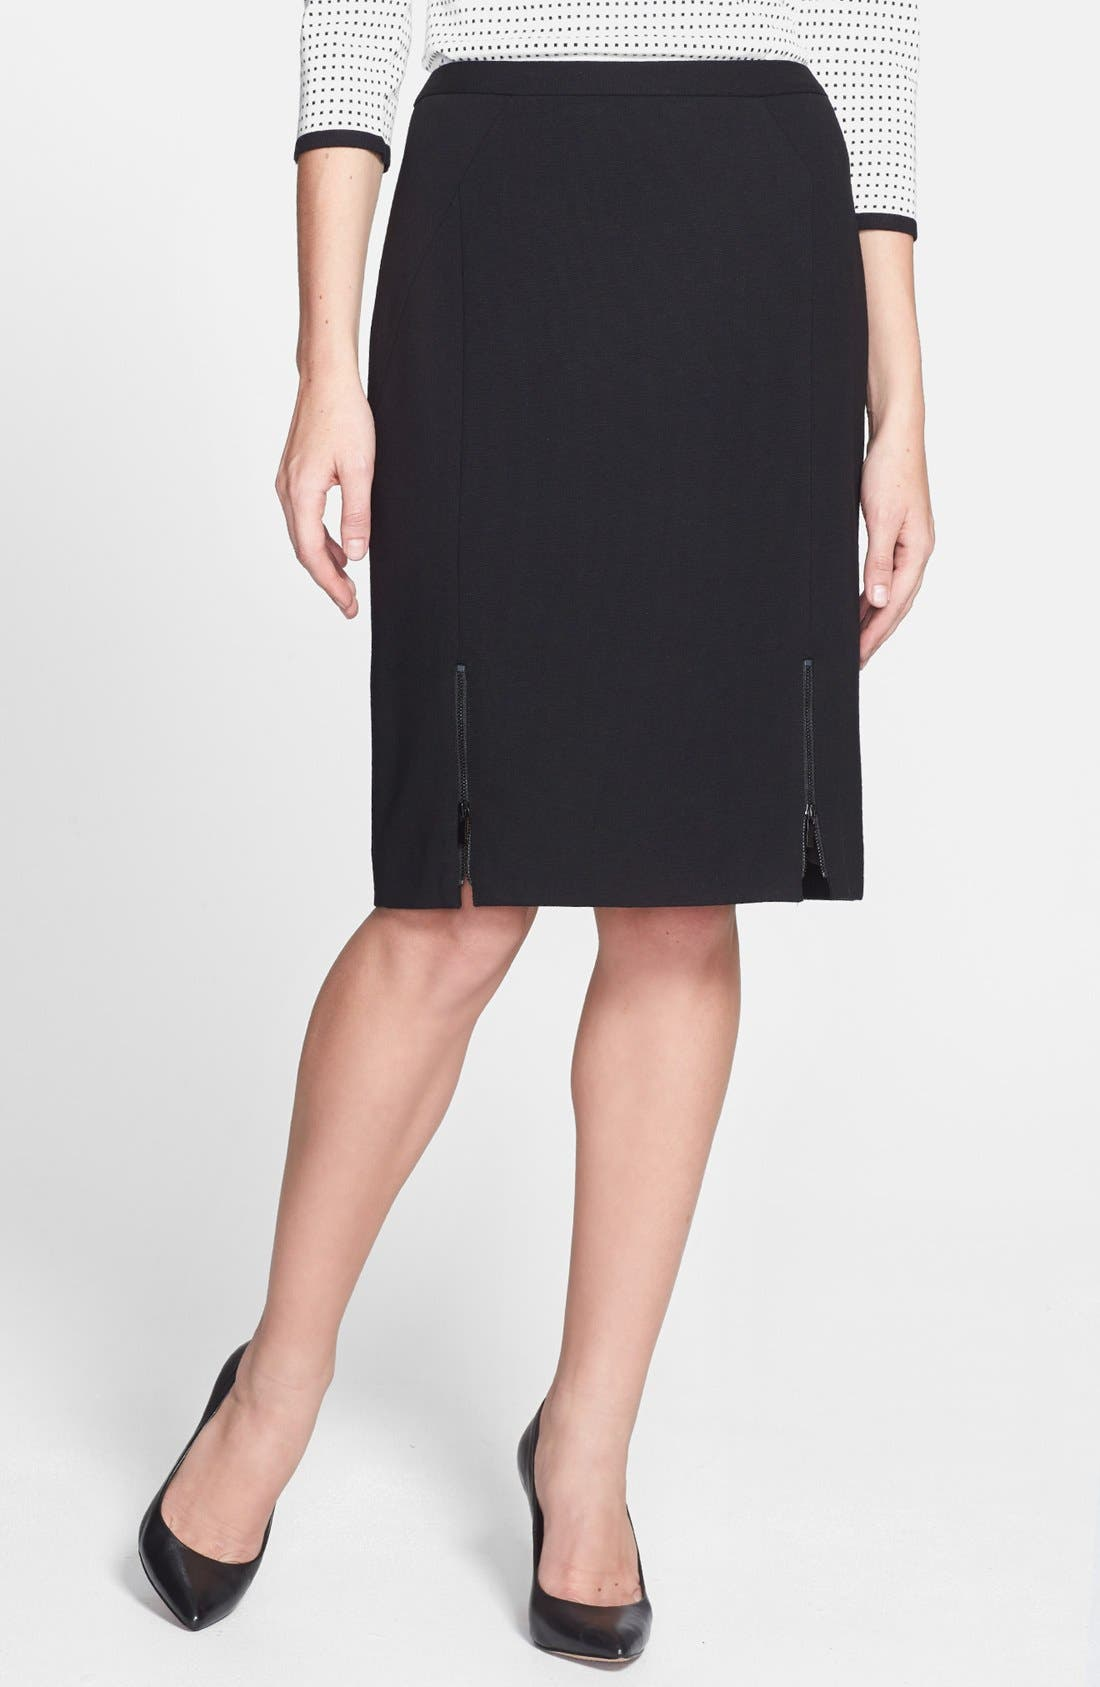 Alternate Image 1 Selected - Classiques Entier® Double Knit Ponte Pencil Skirt